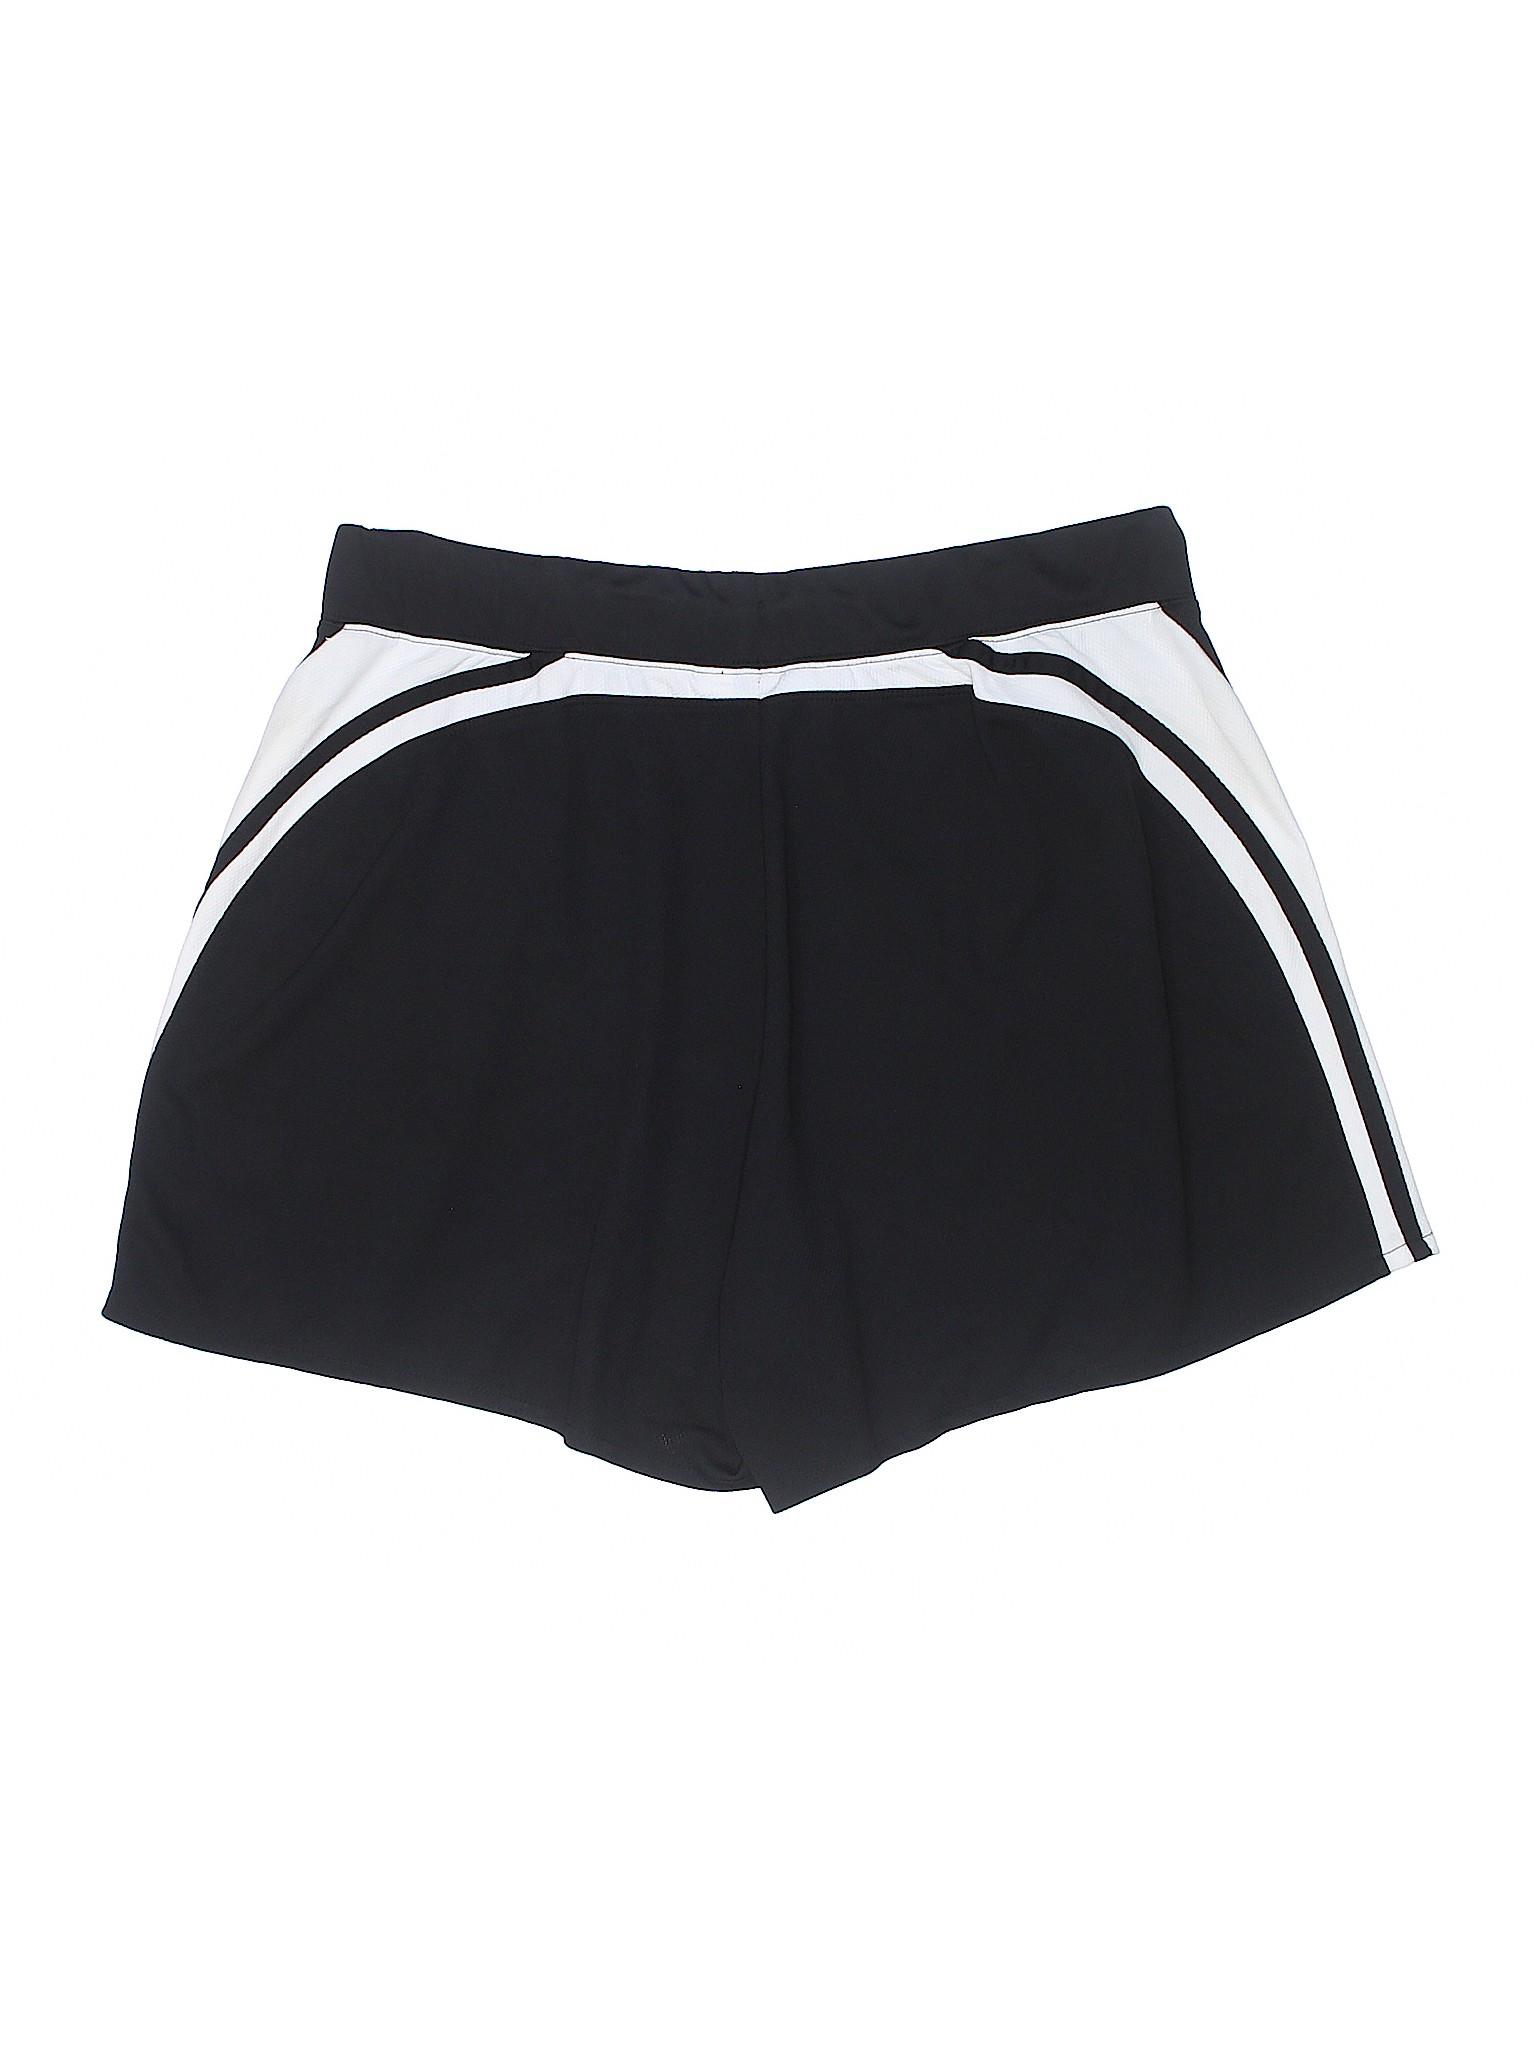 Boutique Shorts Athletic Athletic MTA Boutique Sport Sport MTA Boutique Shorts Frqa5FxB